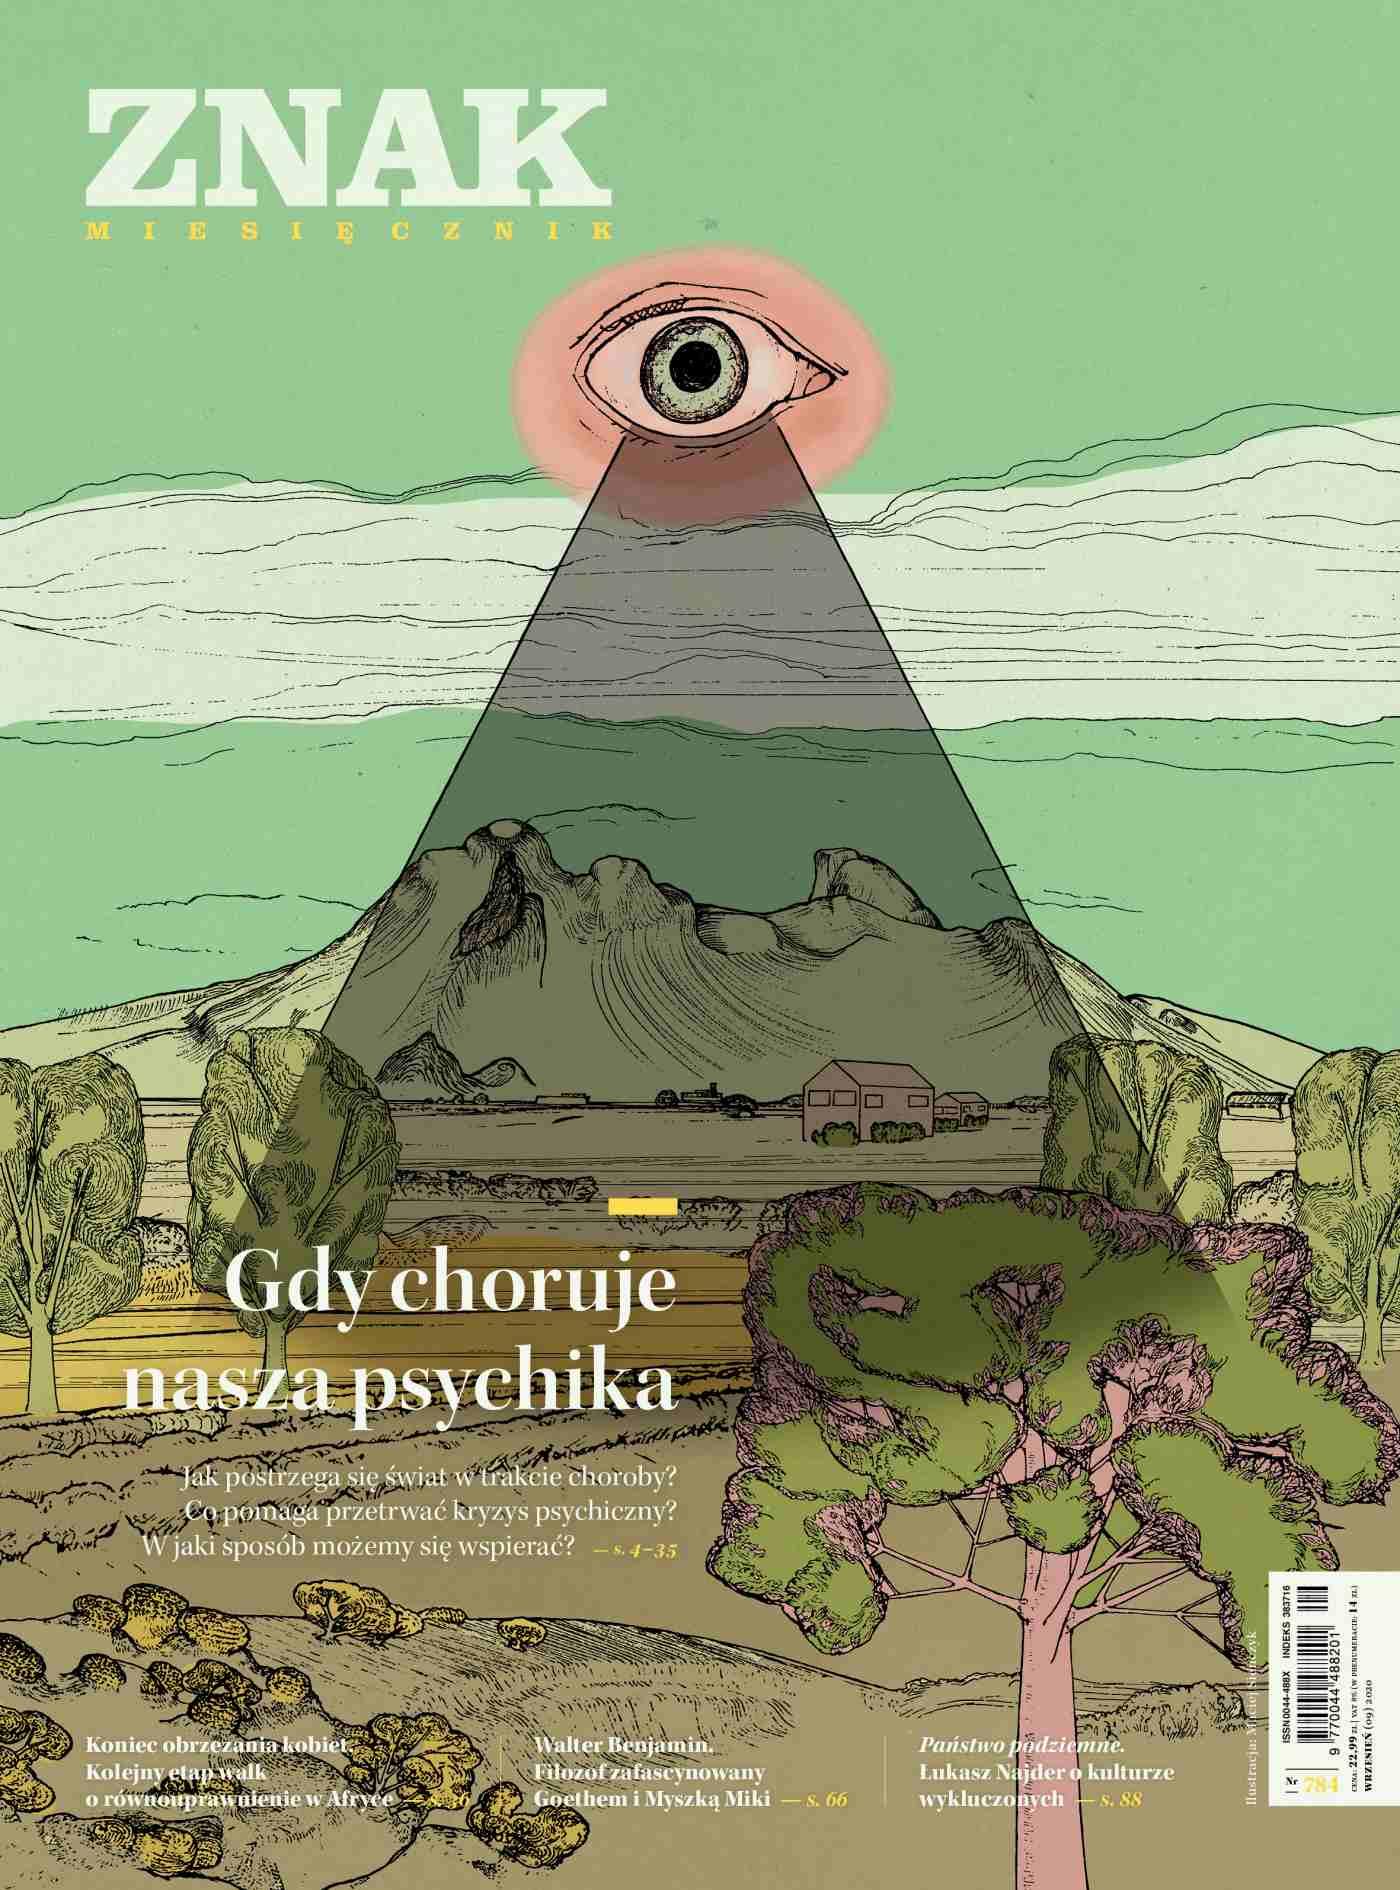 Miesięcznik Znak nr 784: Gdy choruje nasza psychika - Ebook (Książka na Kindle) do pobrania w formacie MOBI